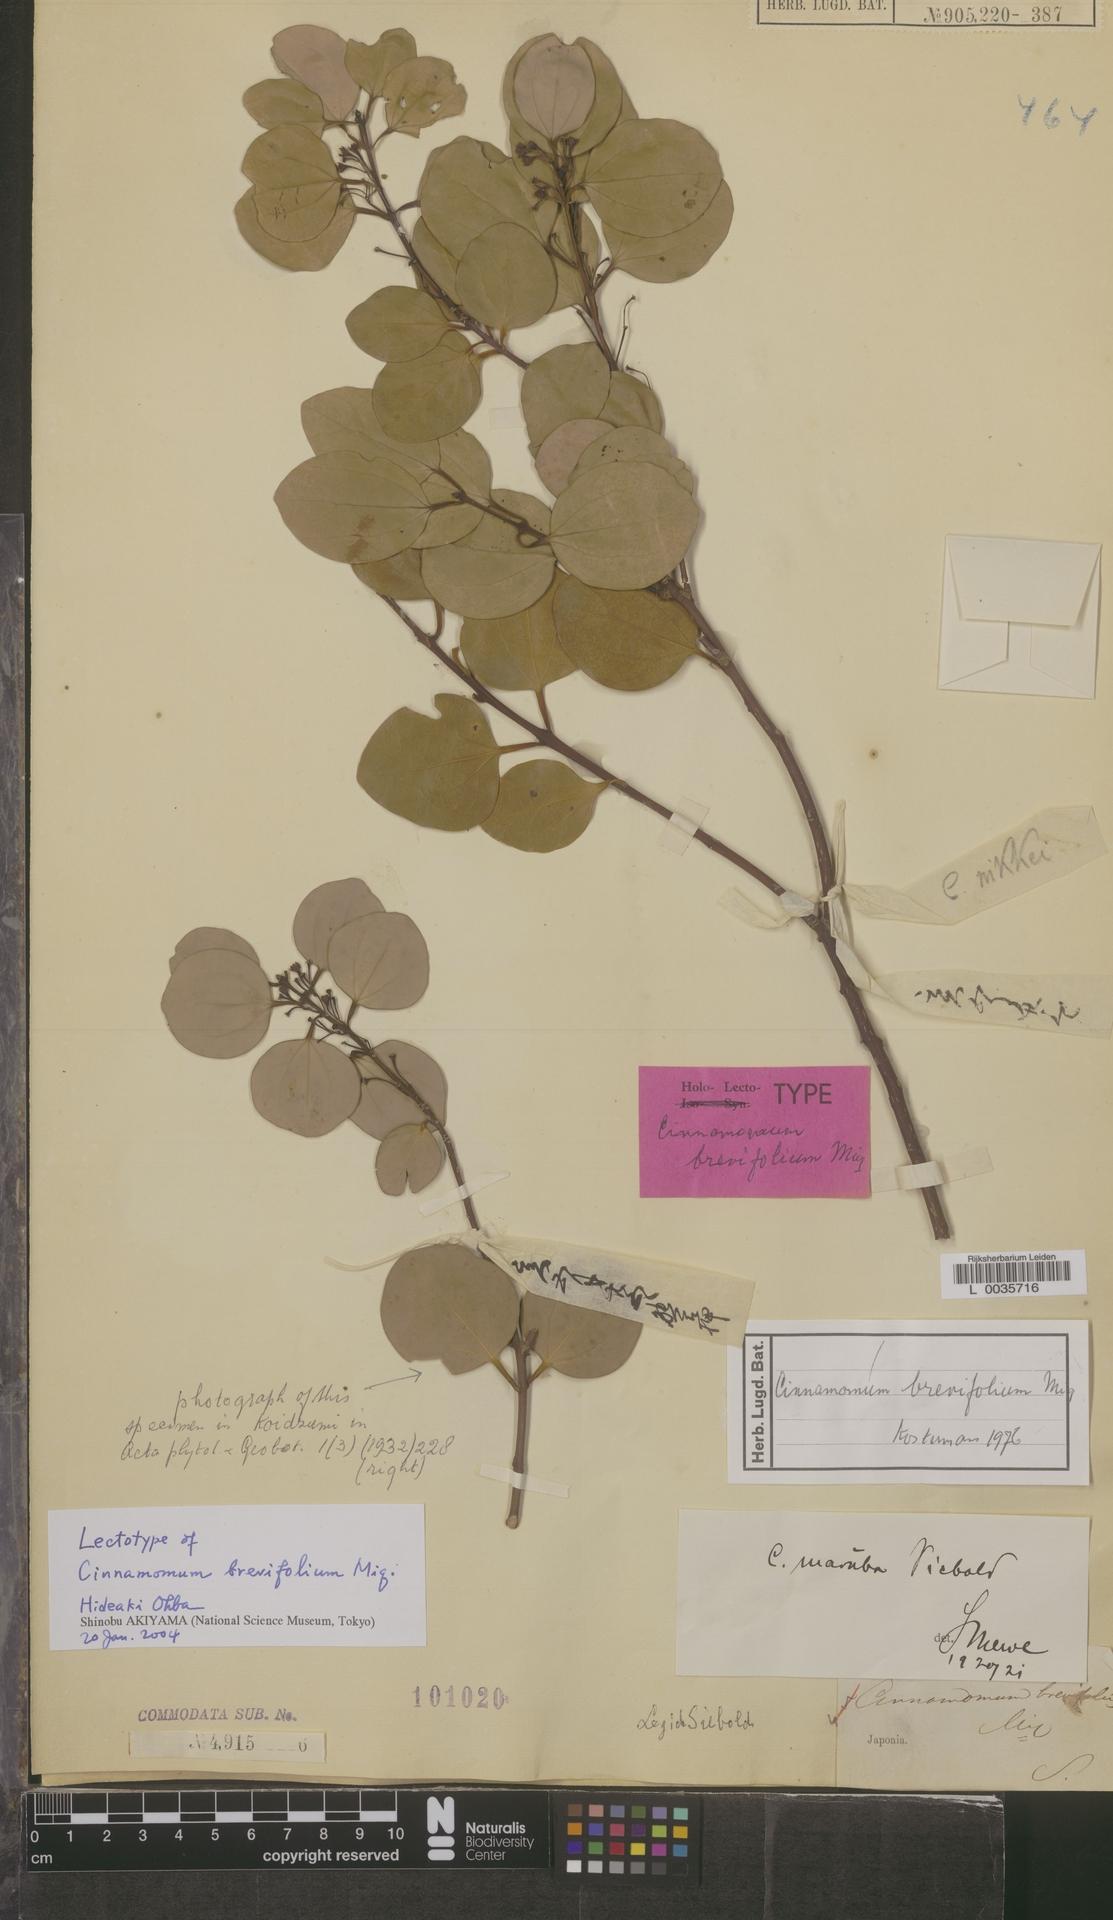 L  0035716   Cinnamomum brevifolium Miq.